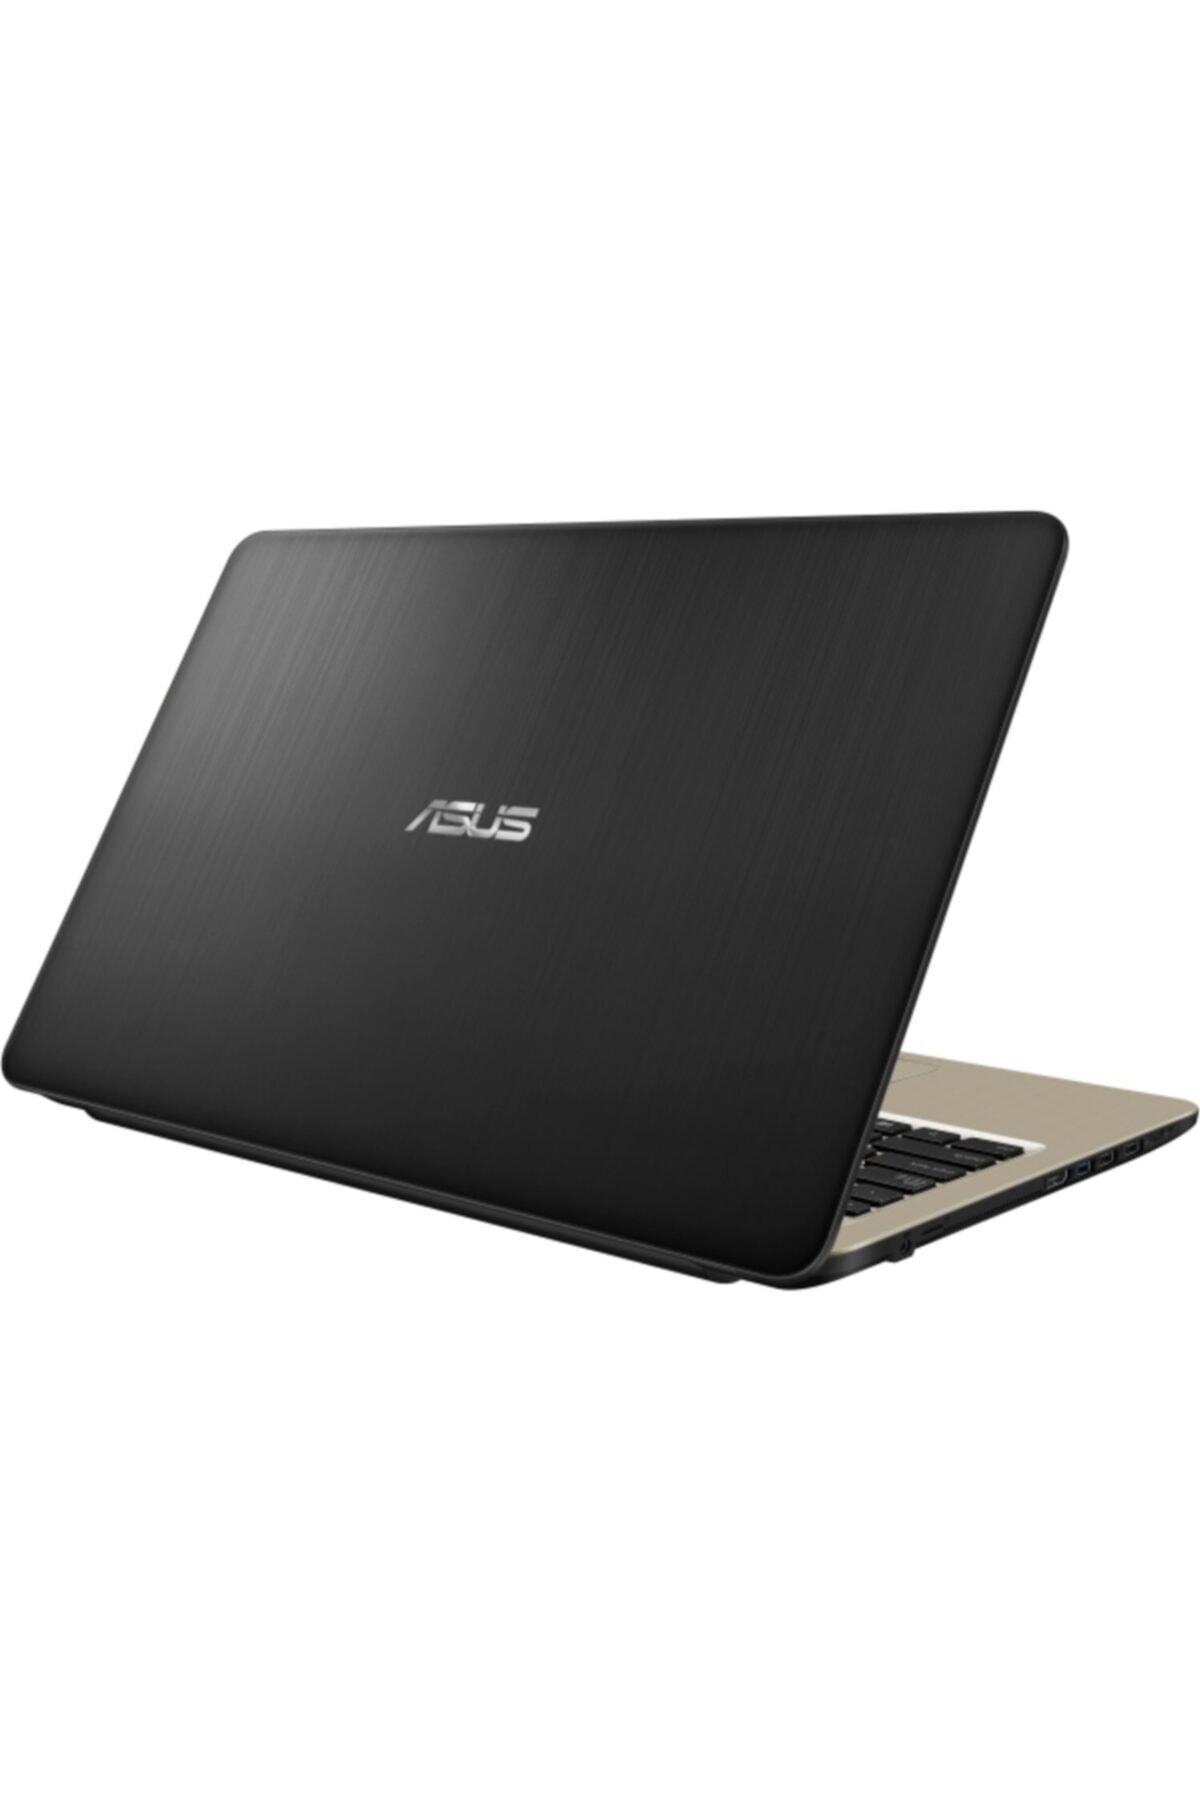 ASUS X540ua-gq1394 Intel Core I3 7020u 4gb 256gb Ssd Freedos 15.6 Fhd